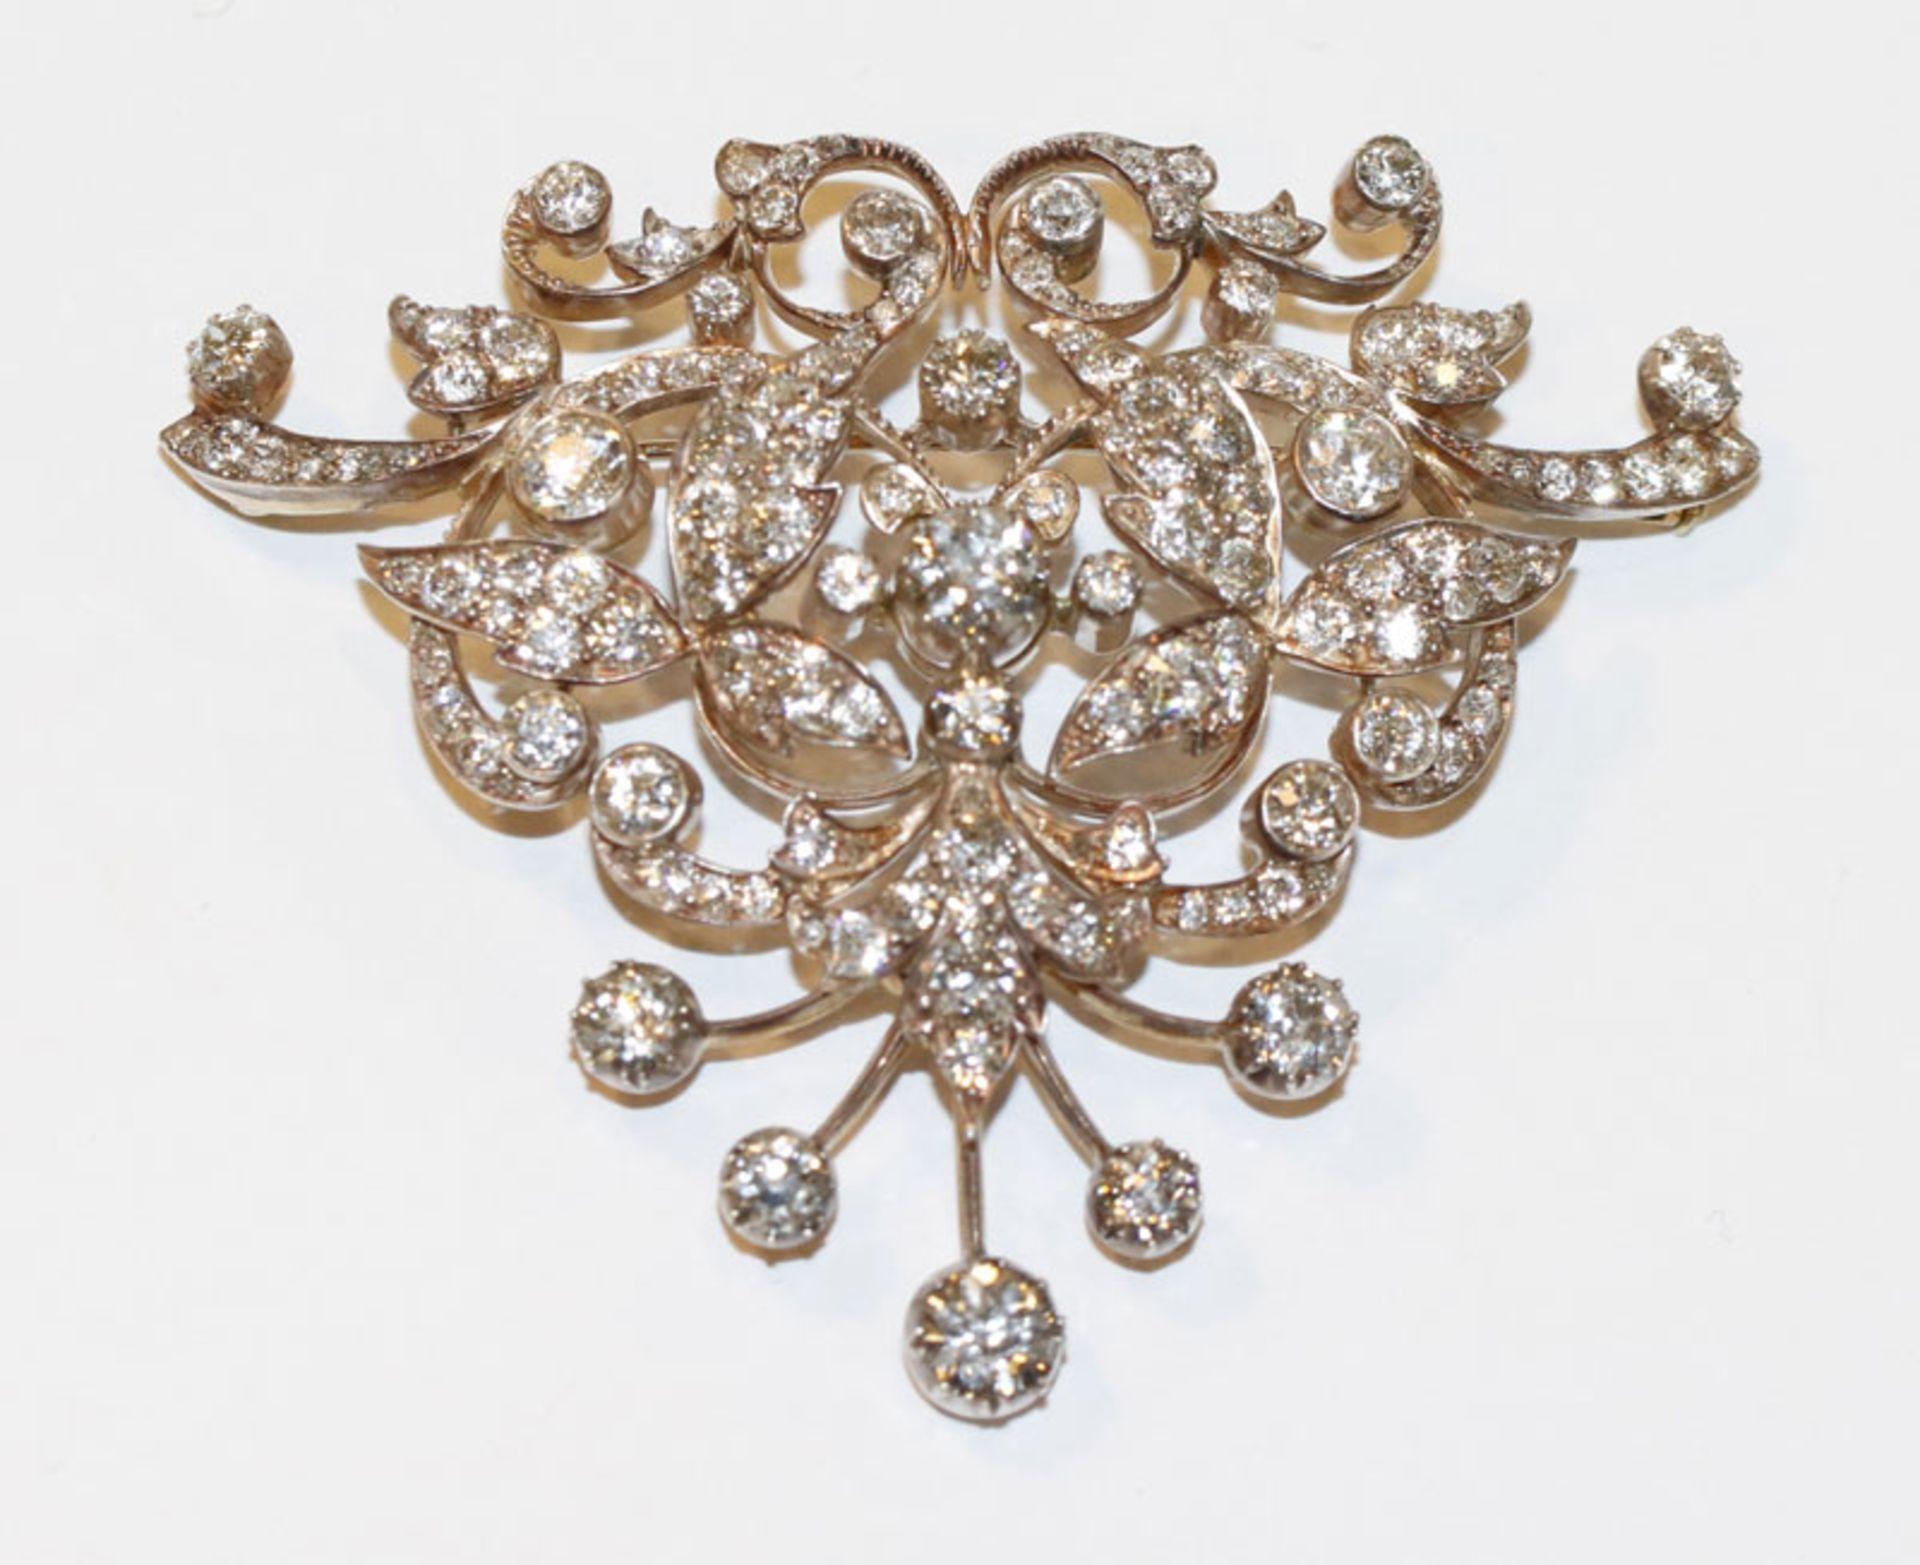 Dekorative 14 k Gelbgold und Silber (geprüft) Brosche, zus. ca. 10 ct. Diamanten, wohl Teil eines